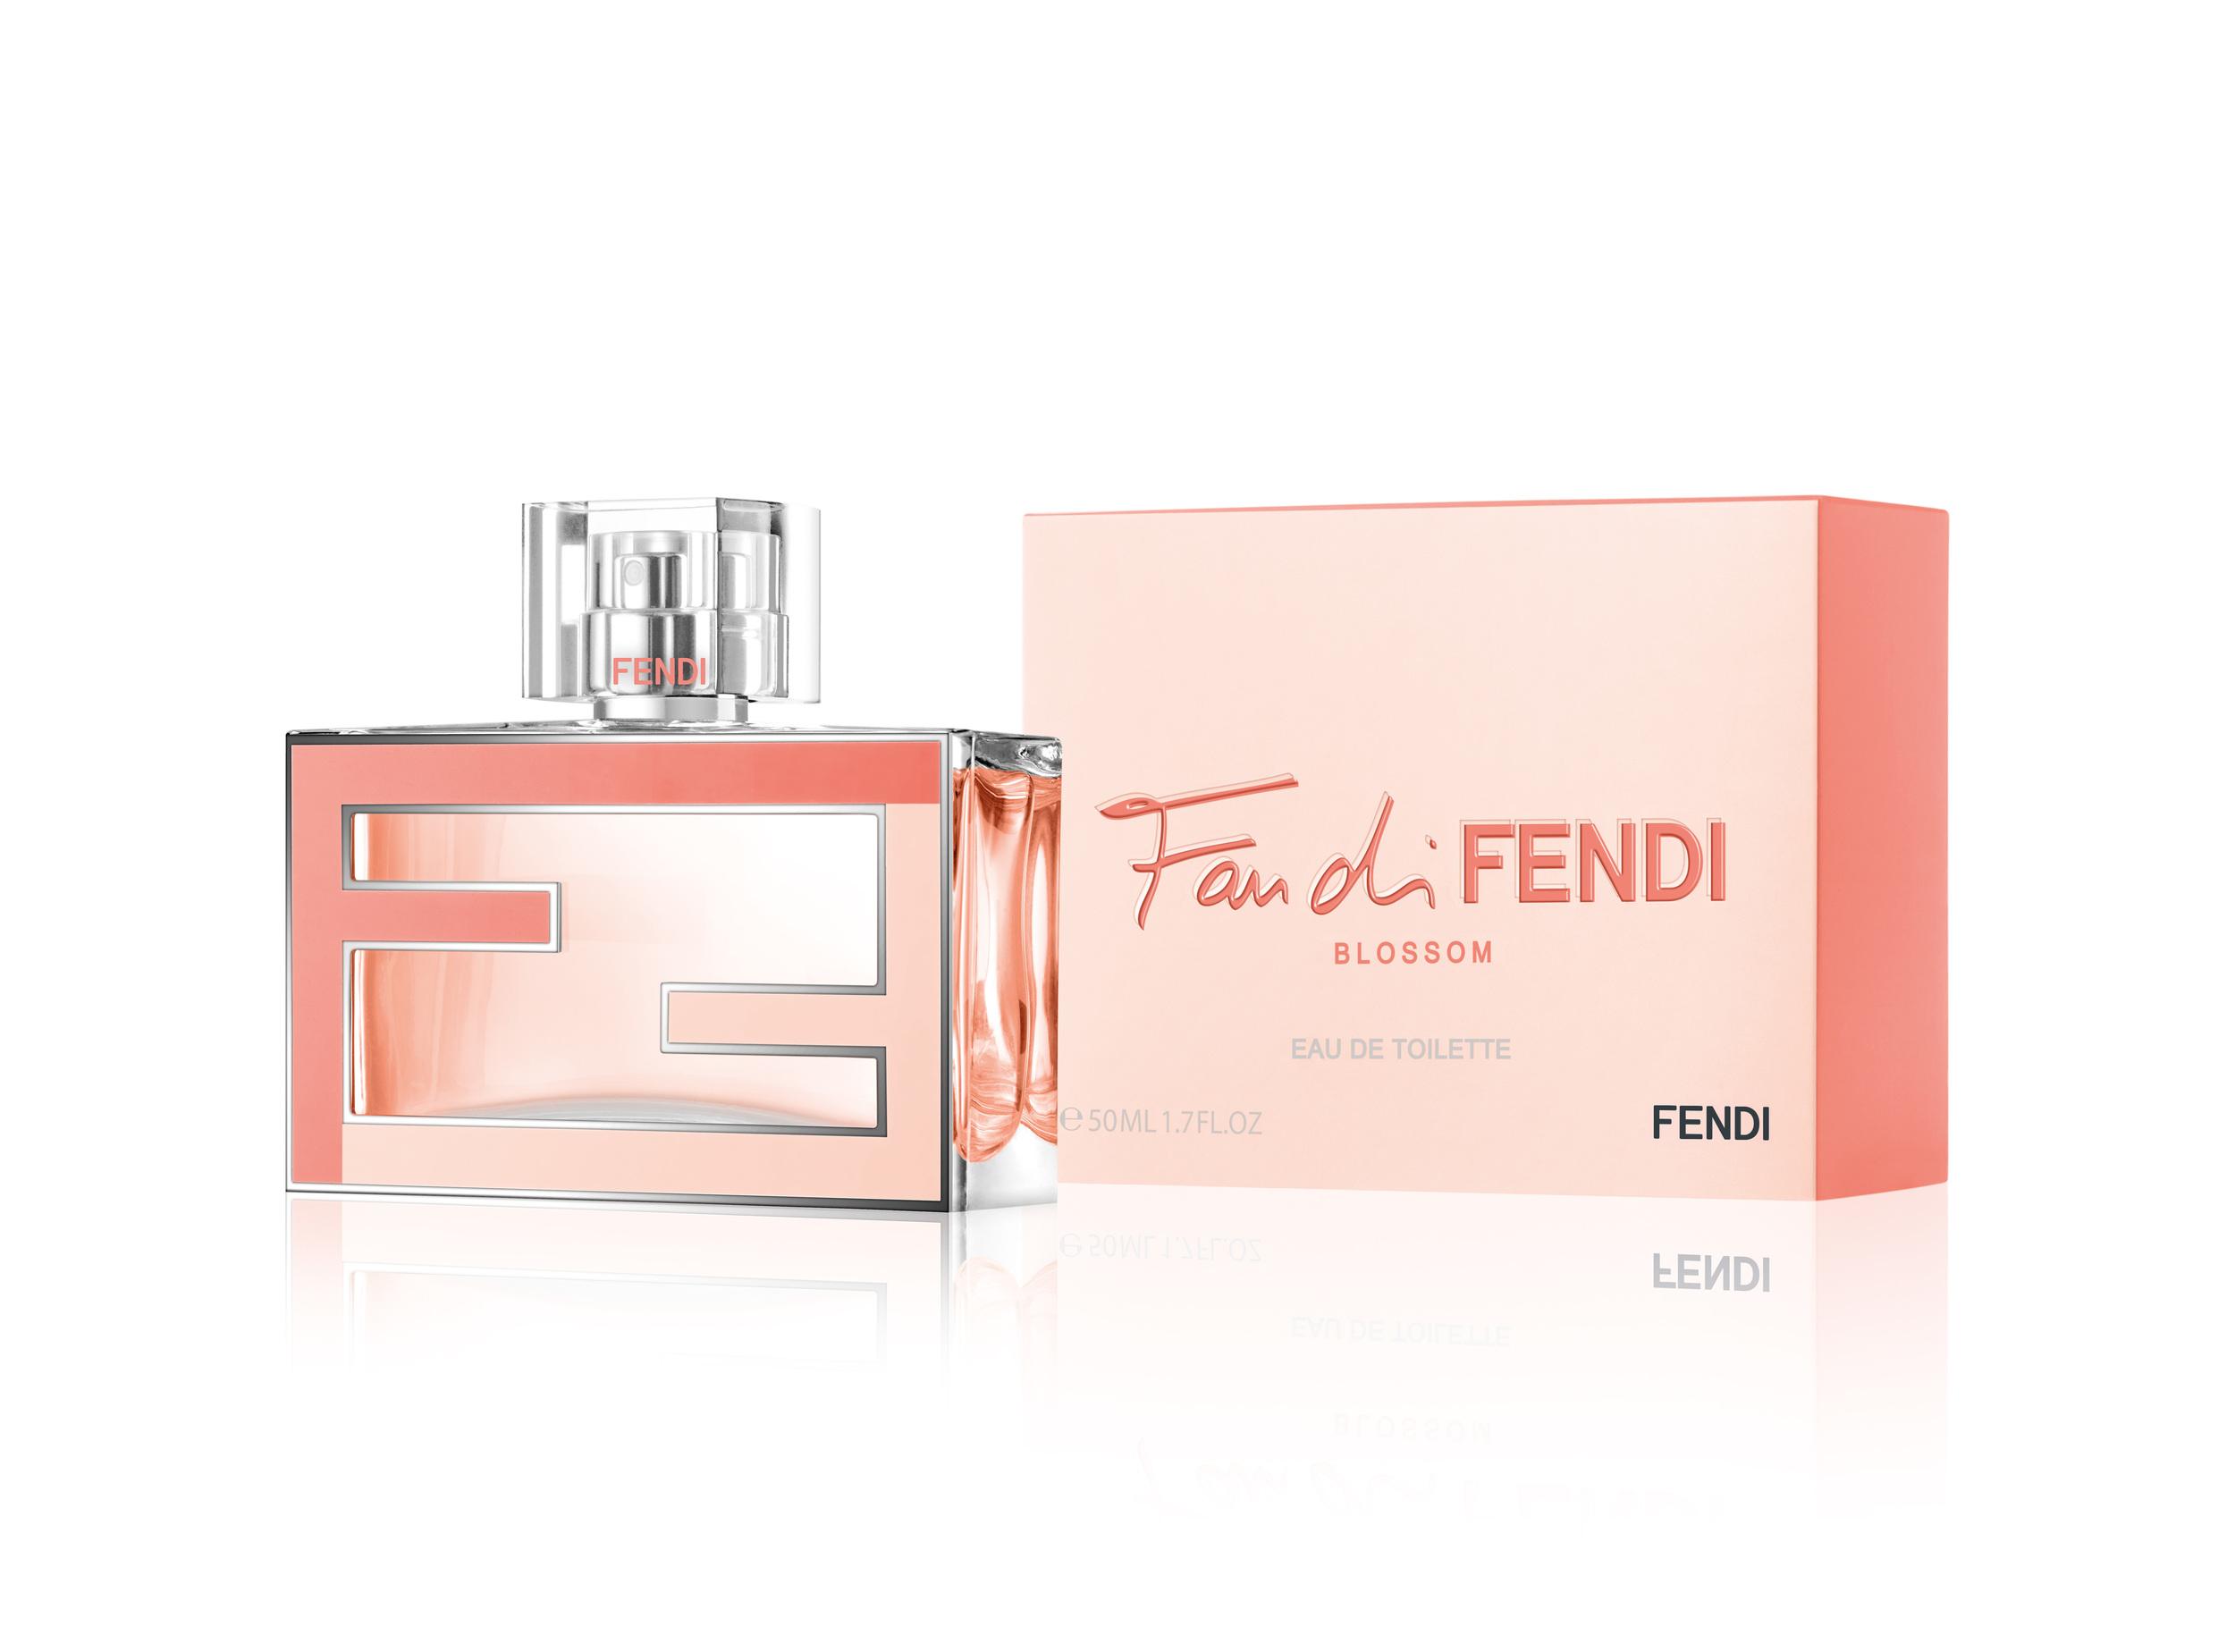 FAN DI FENDI BLOSSOM - FLACON + ETUI 50ML 3-4.jpg